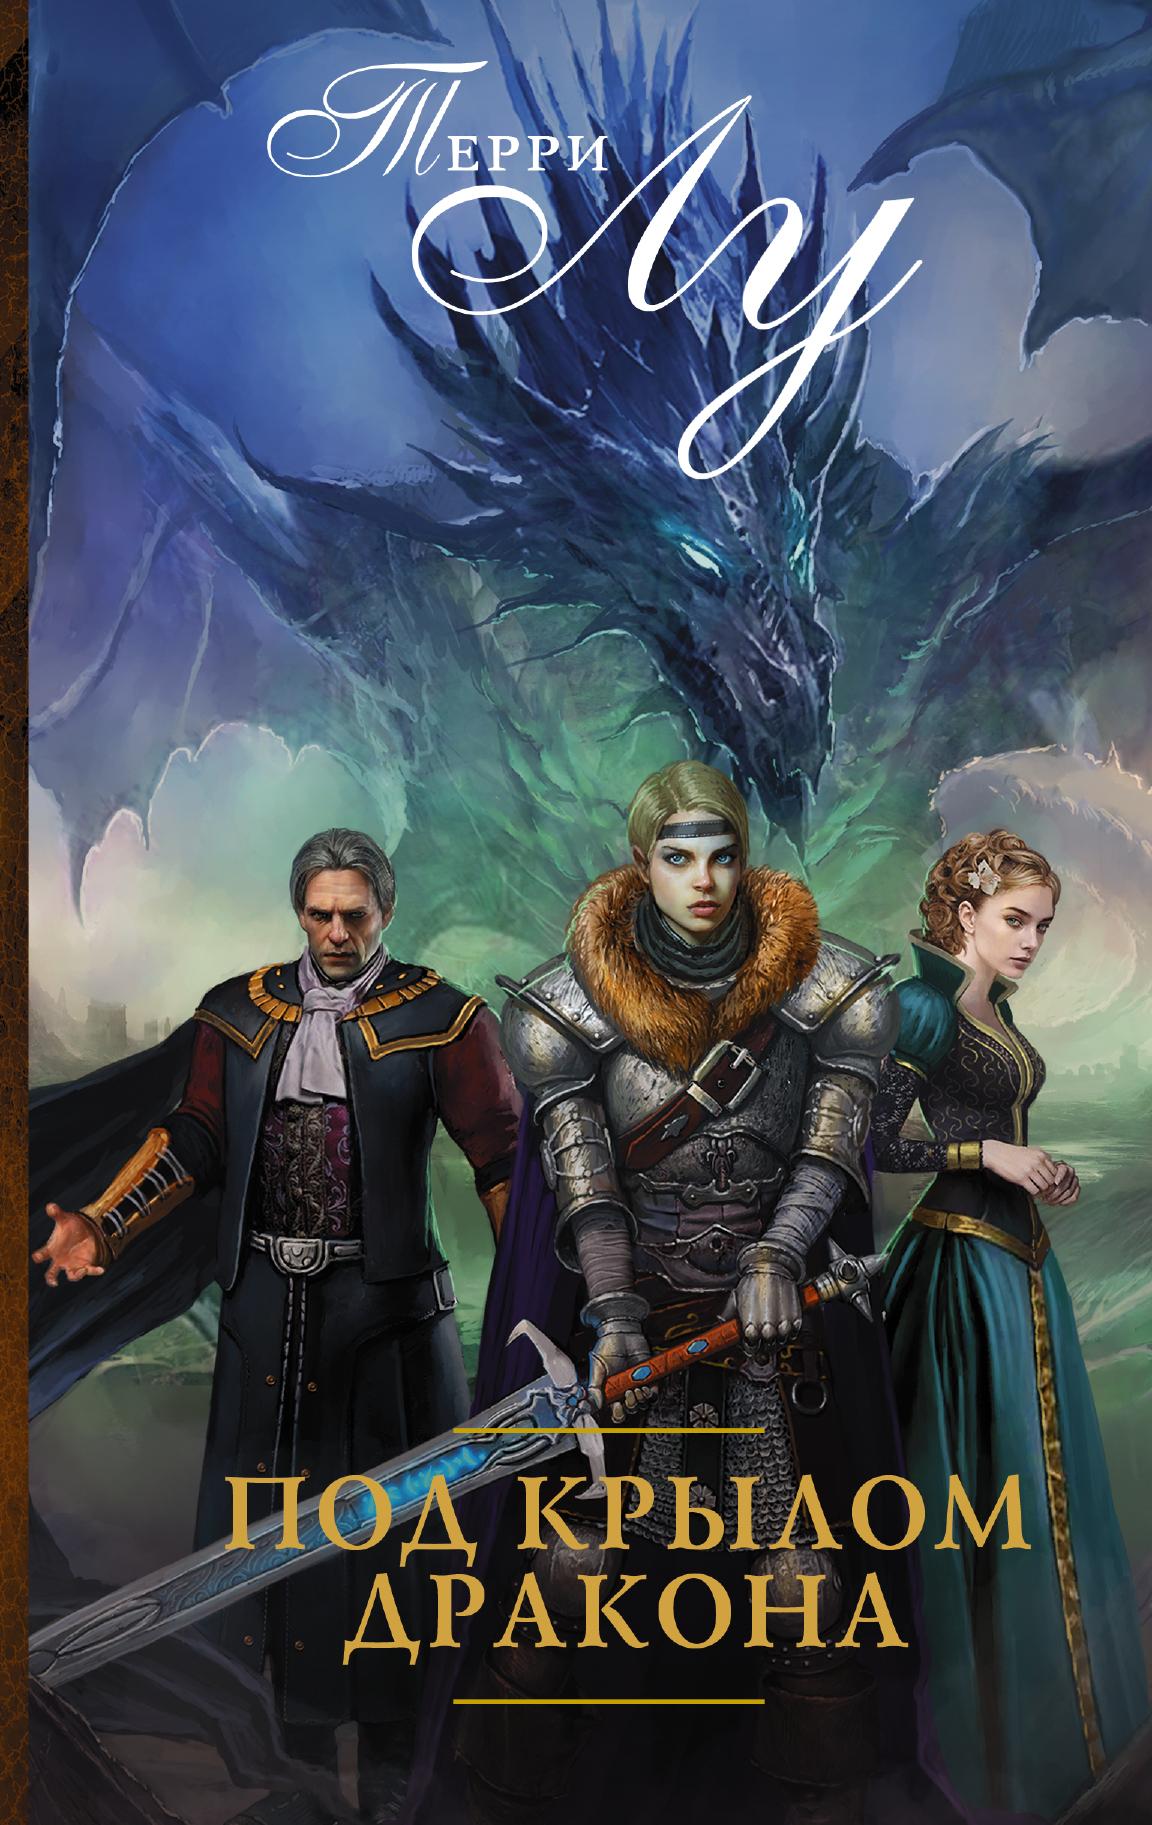 Читать книги онлайн бесплатно про драконов